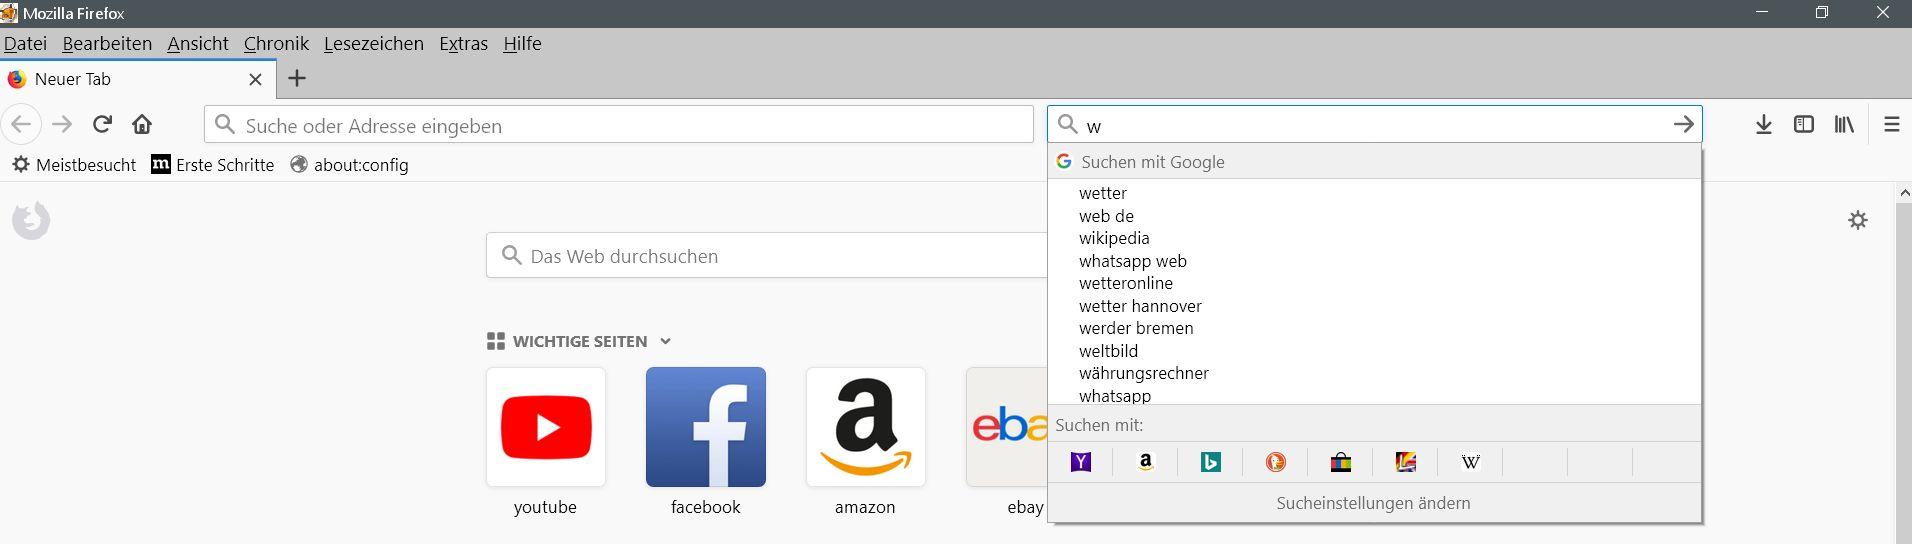 suchleiste vorschlaege - Firefox Die Suchmaschinen Auswahl in der Adressleiste ausblenden